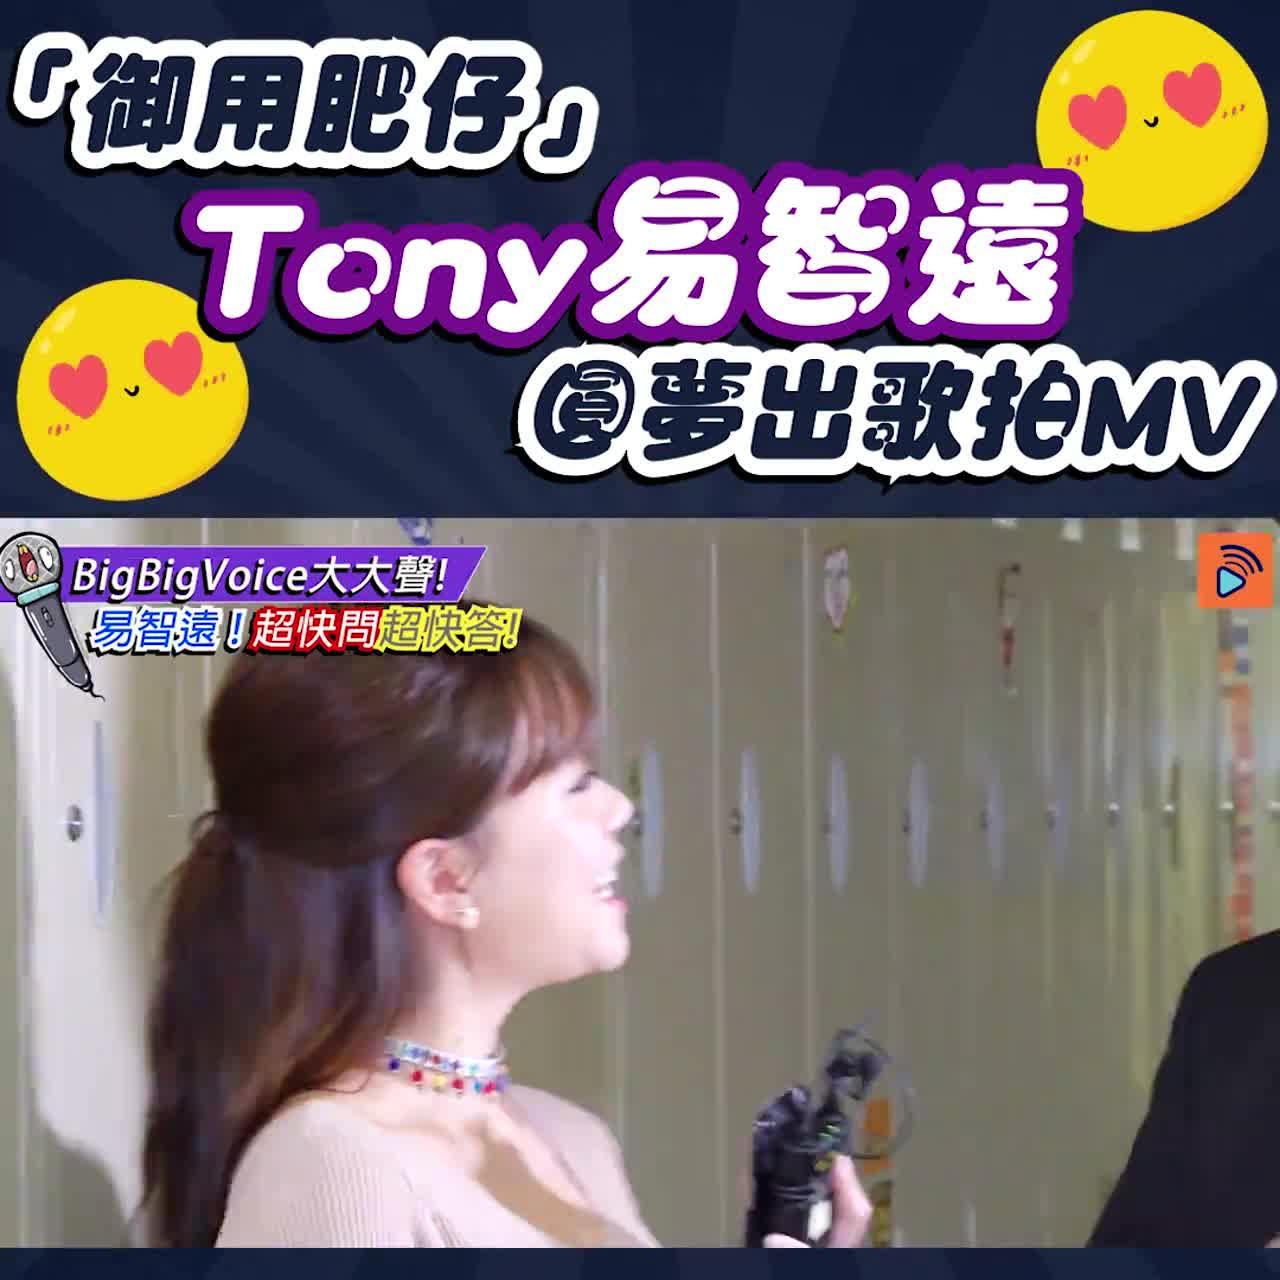 「御用肥仔」 Tony易智遠 圓夢出歌拍MV